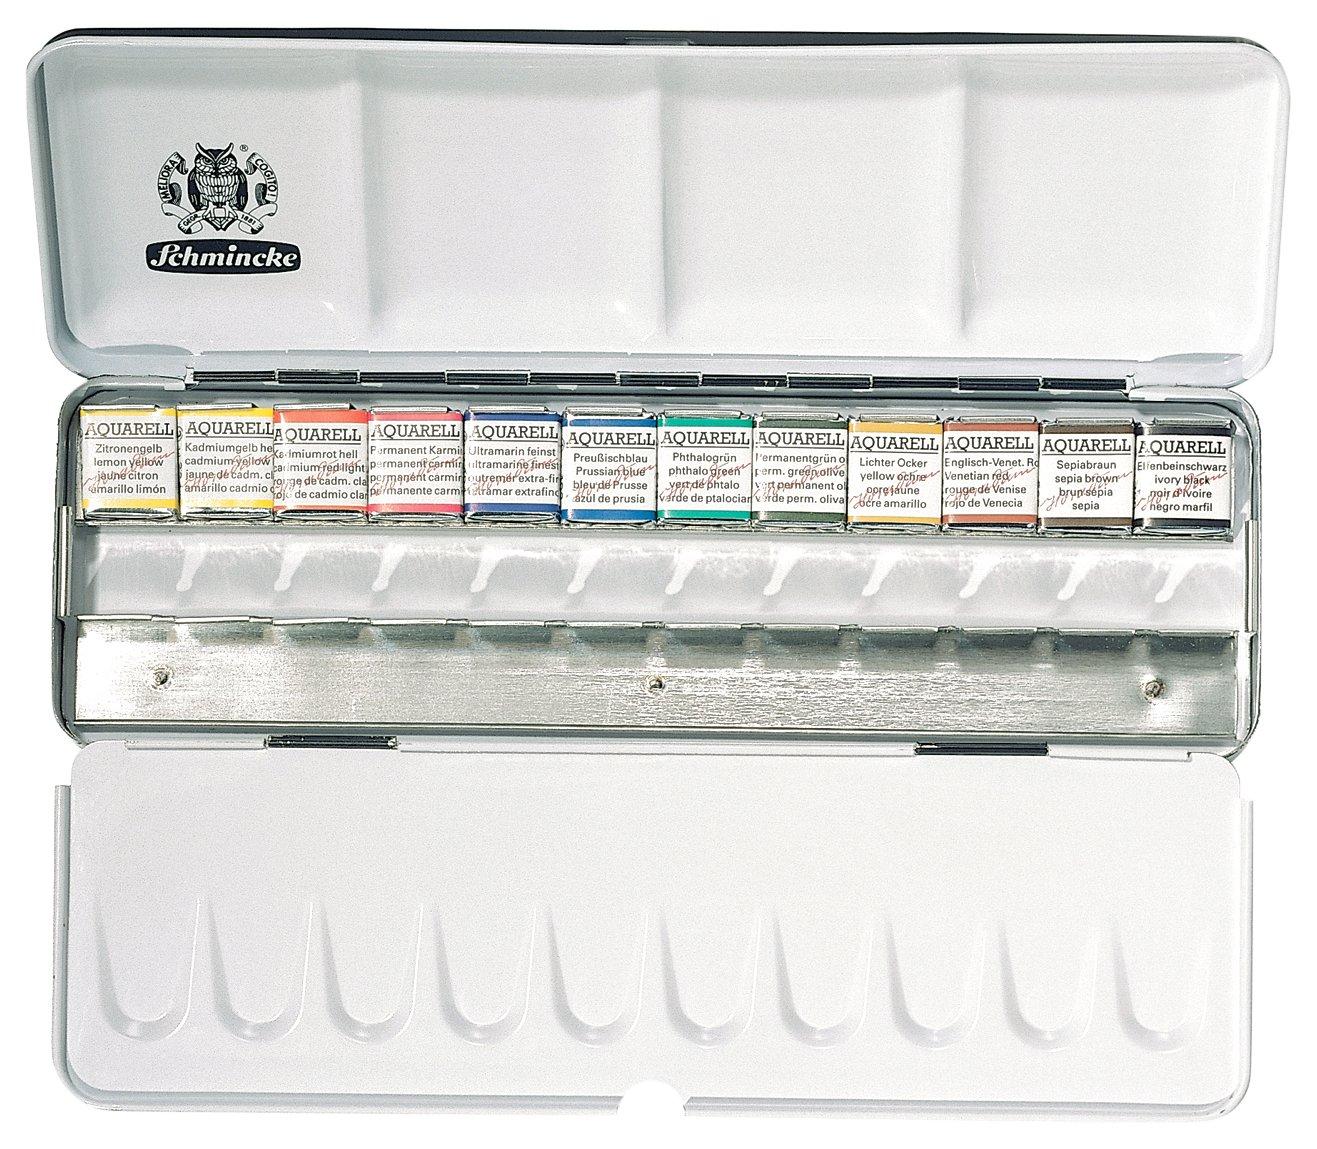 Schmincke Watercolors, scatola di metallo set di acquerelli, 12 colori (74412097) 12colori (74412097) Cell Distributors